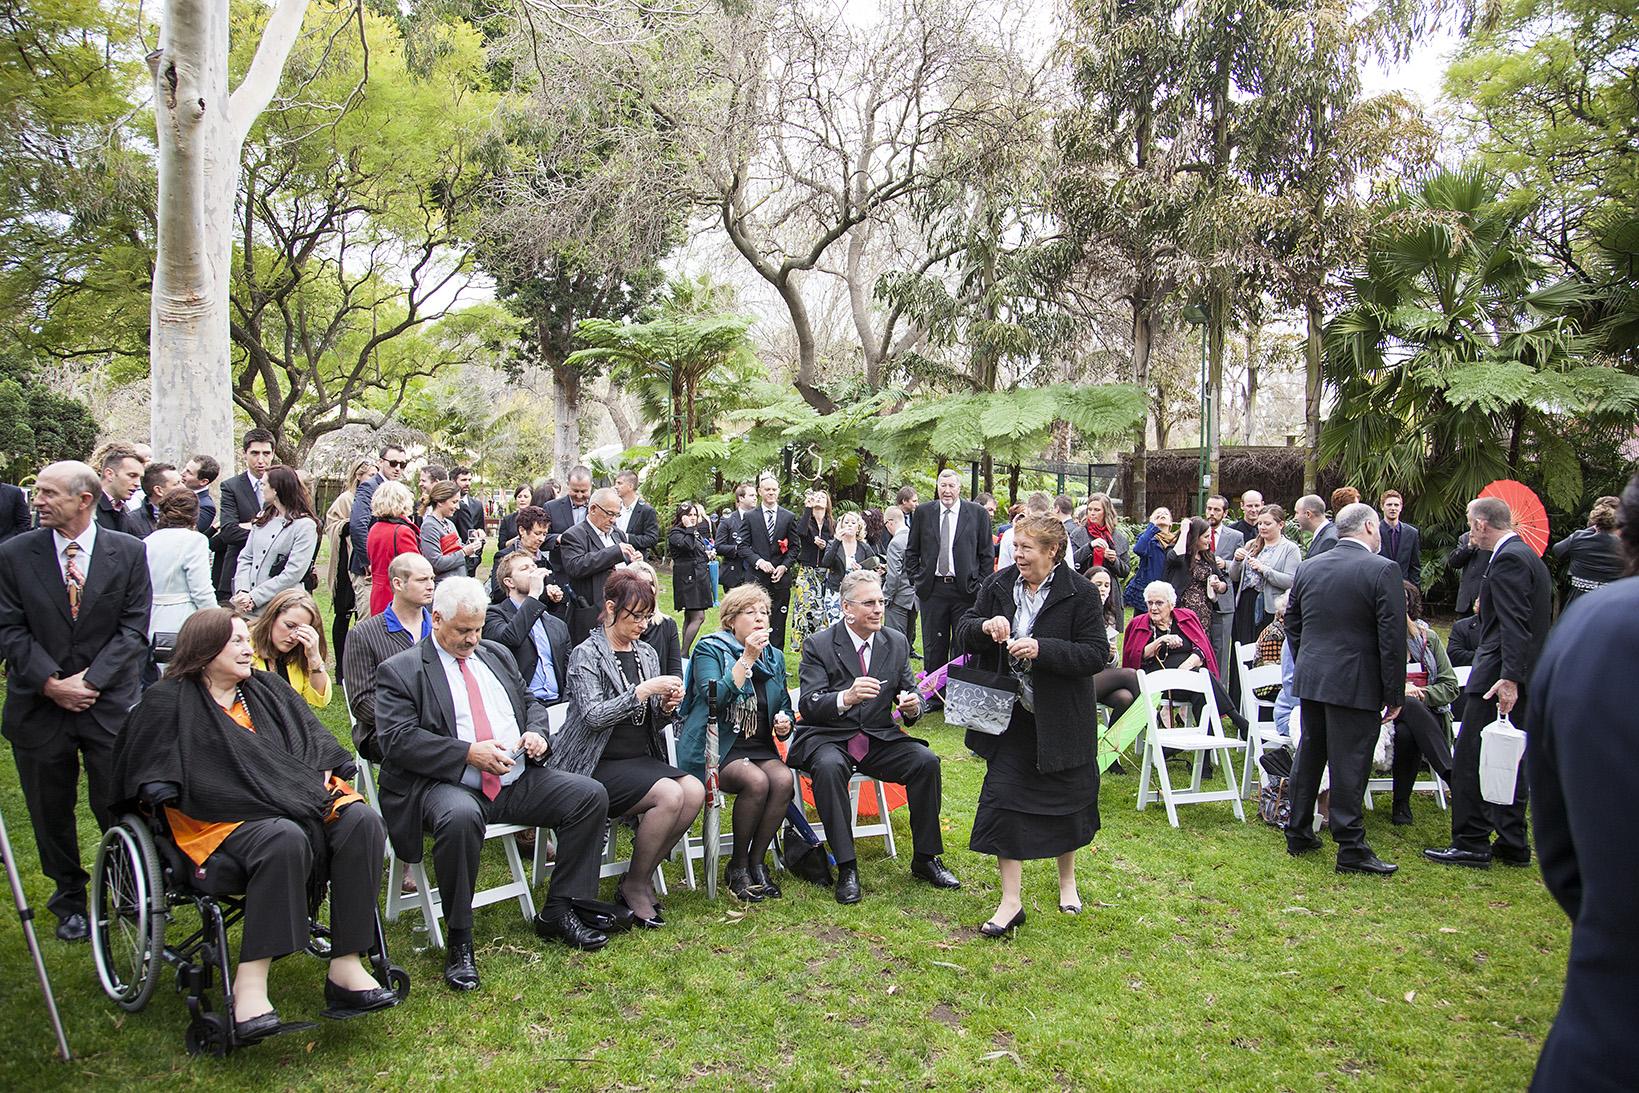 43 Adelaide Winter Wedding.jpg